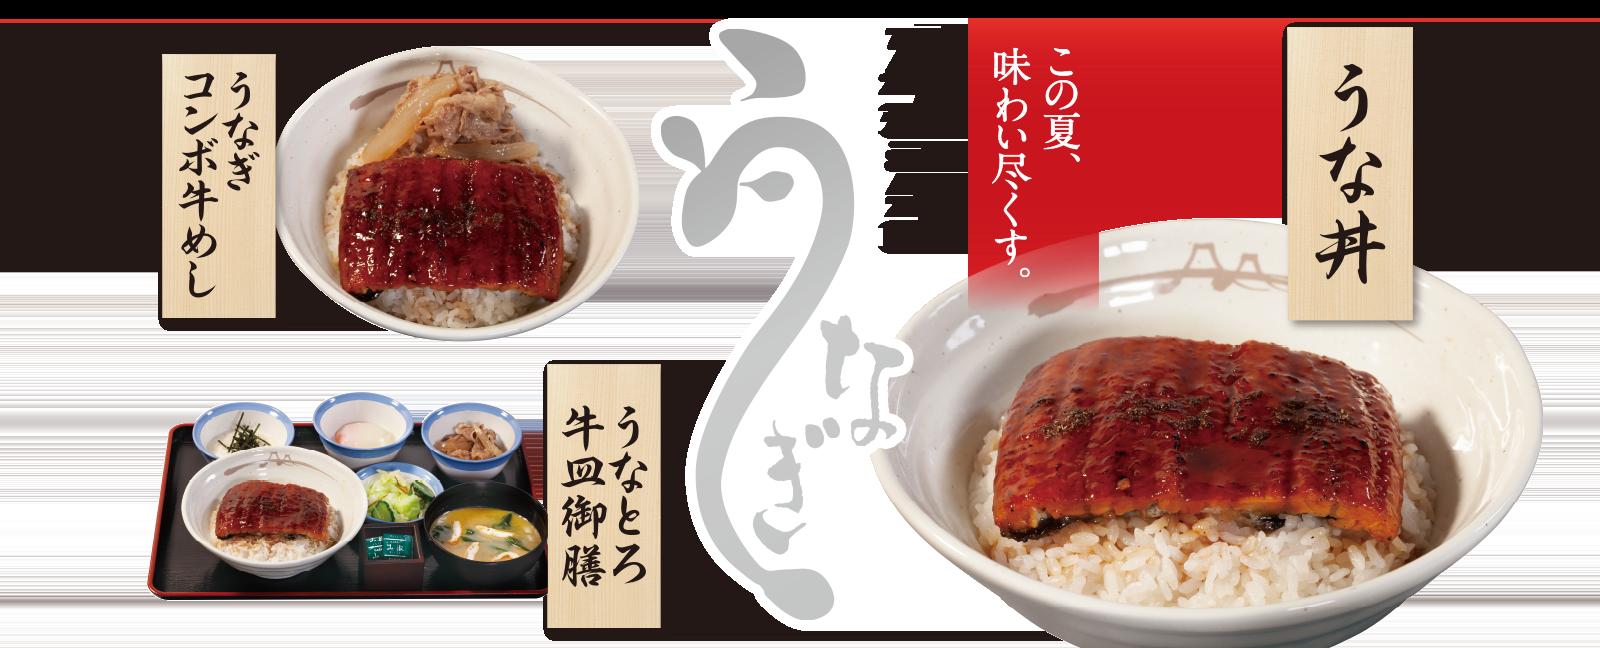 うな丼発売!